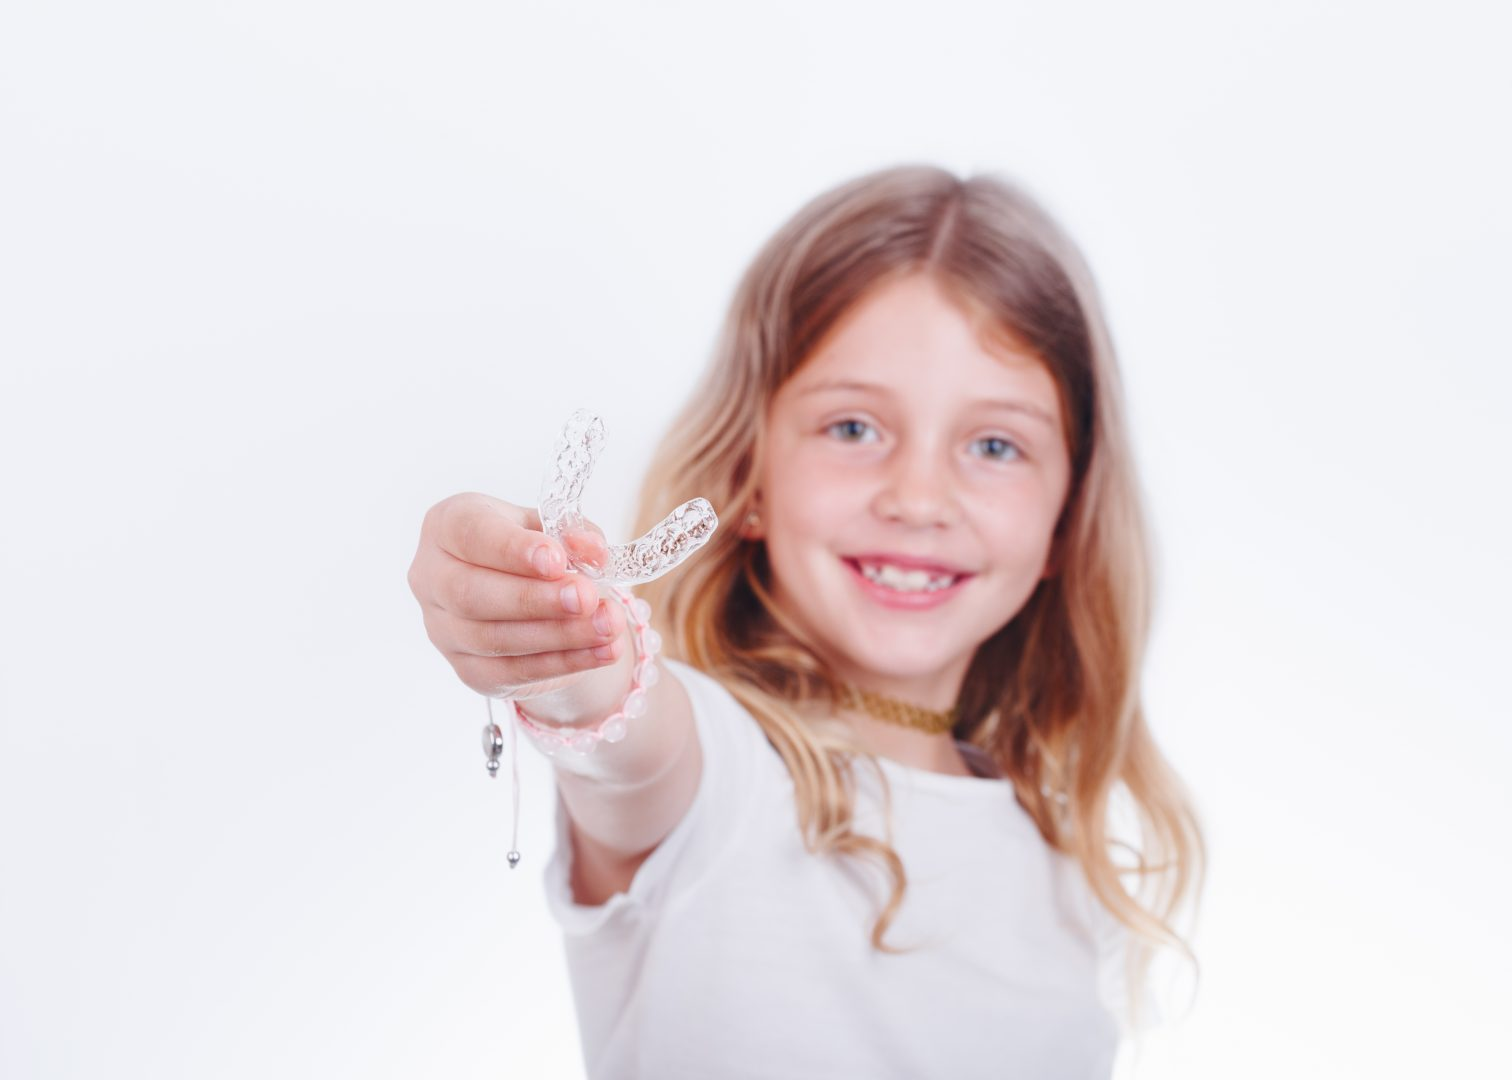 Las sonrisas de los más pequeños de la casa también se alinean con ortodoncia invisible